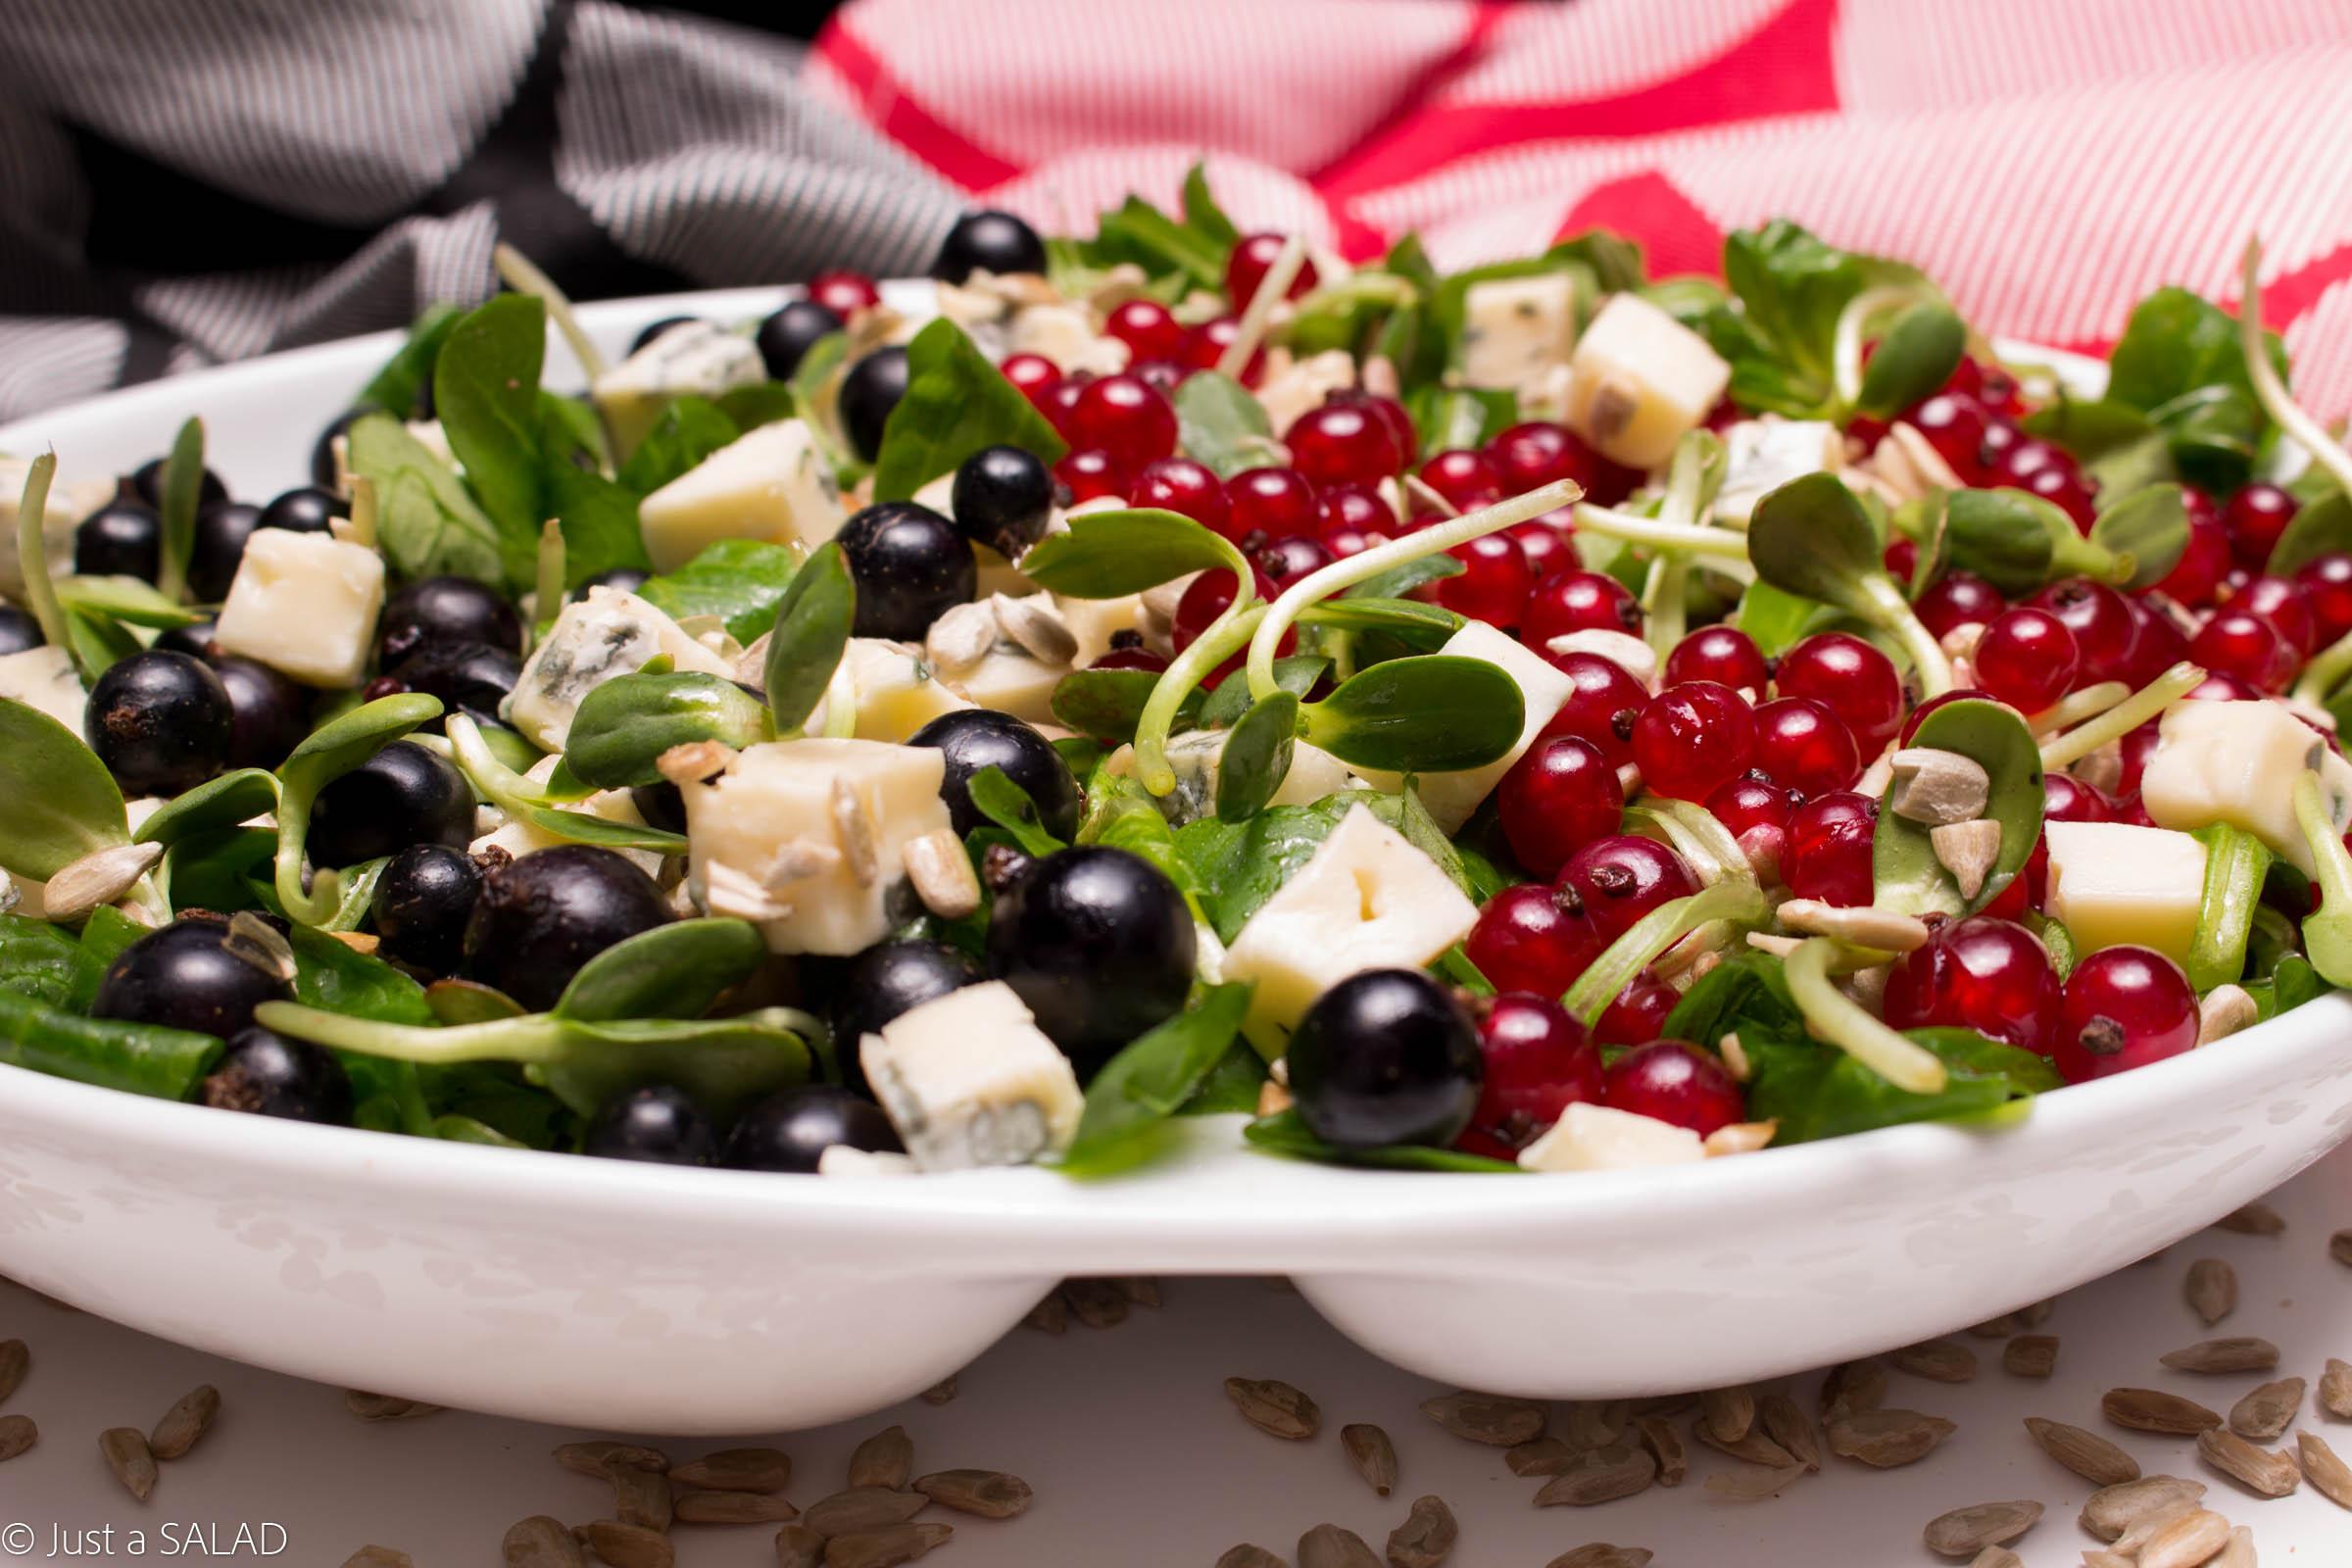 Sałatka z roszponką, porzeczkami, serem z niebieską pleśnią, pestkami i kiełkami słonecznika.